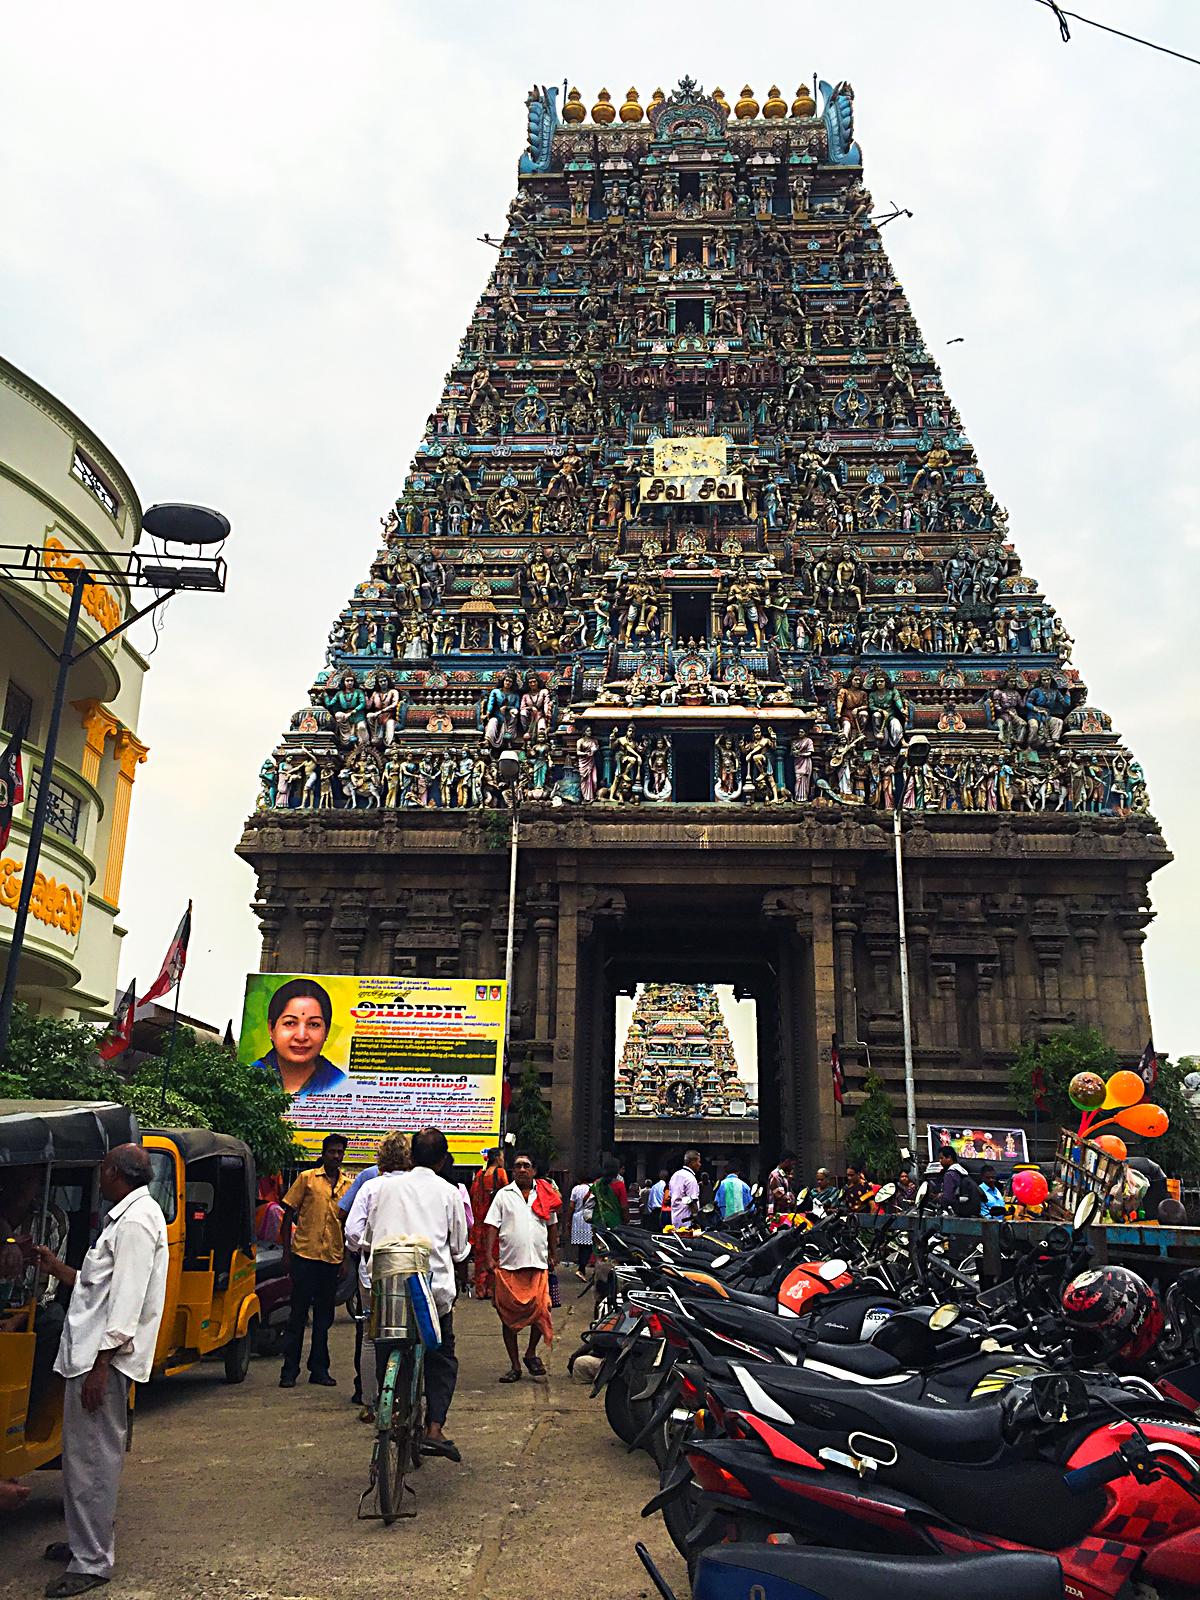 INDIEN Chennai Menschen Tempel FINEST-onTour 1952.jpg